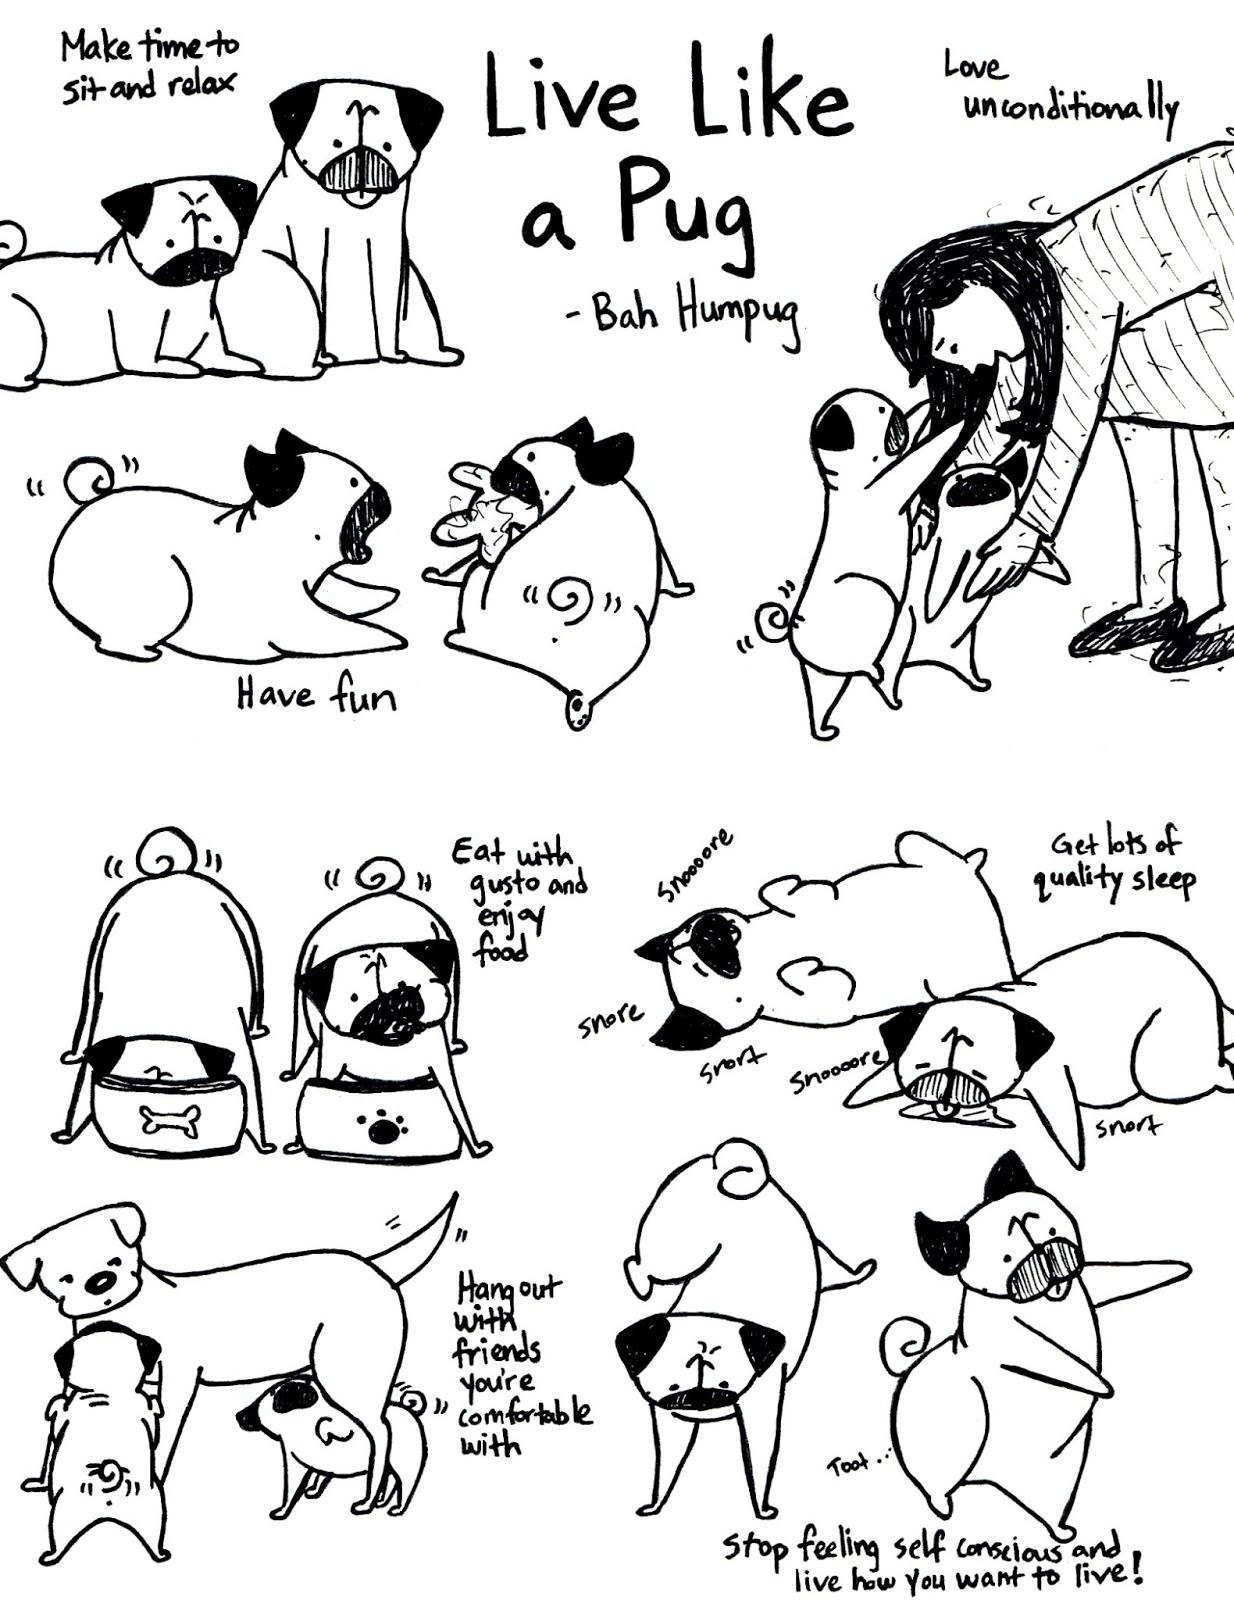 Drawn pug poo Bah Like Live a a